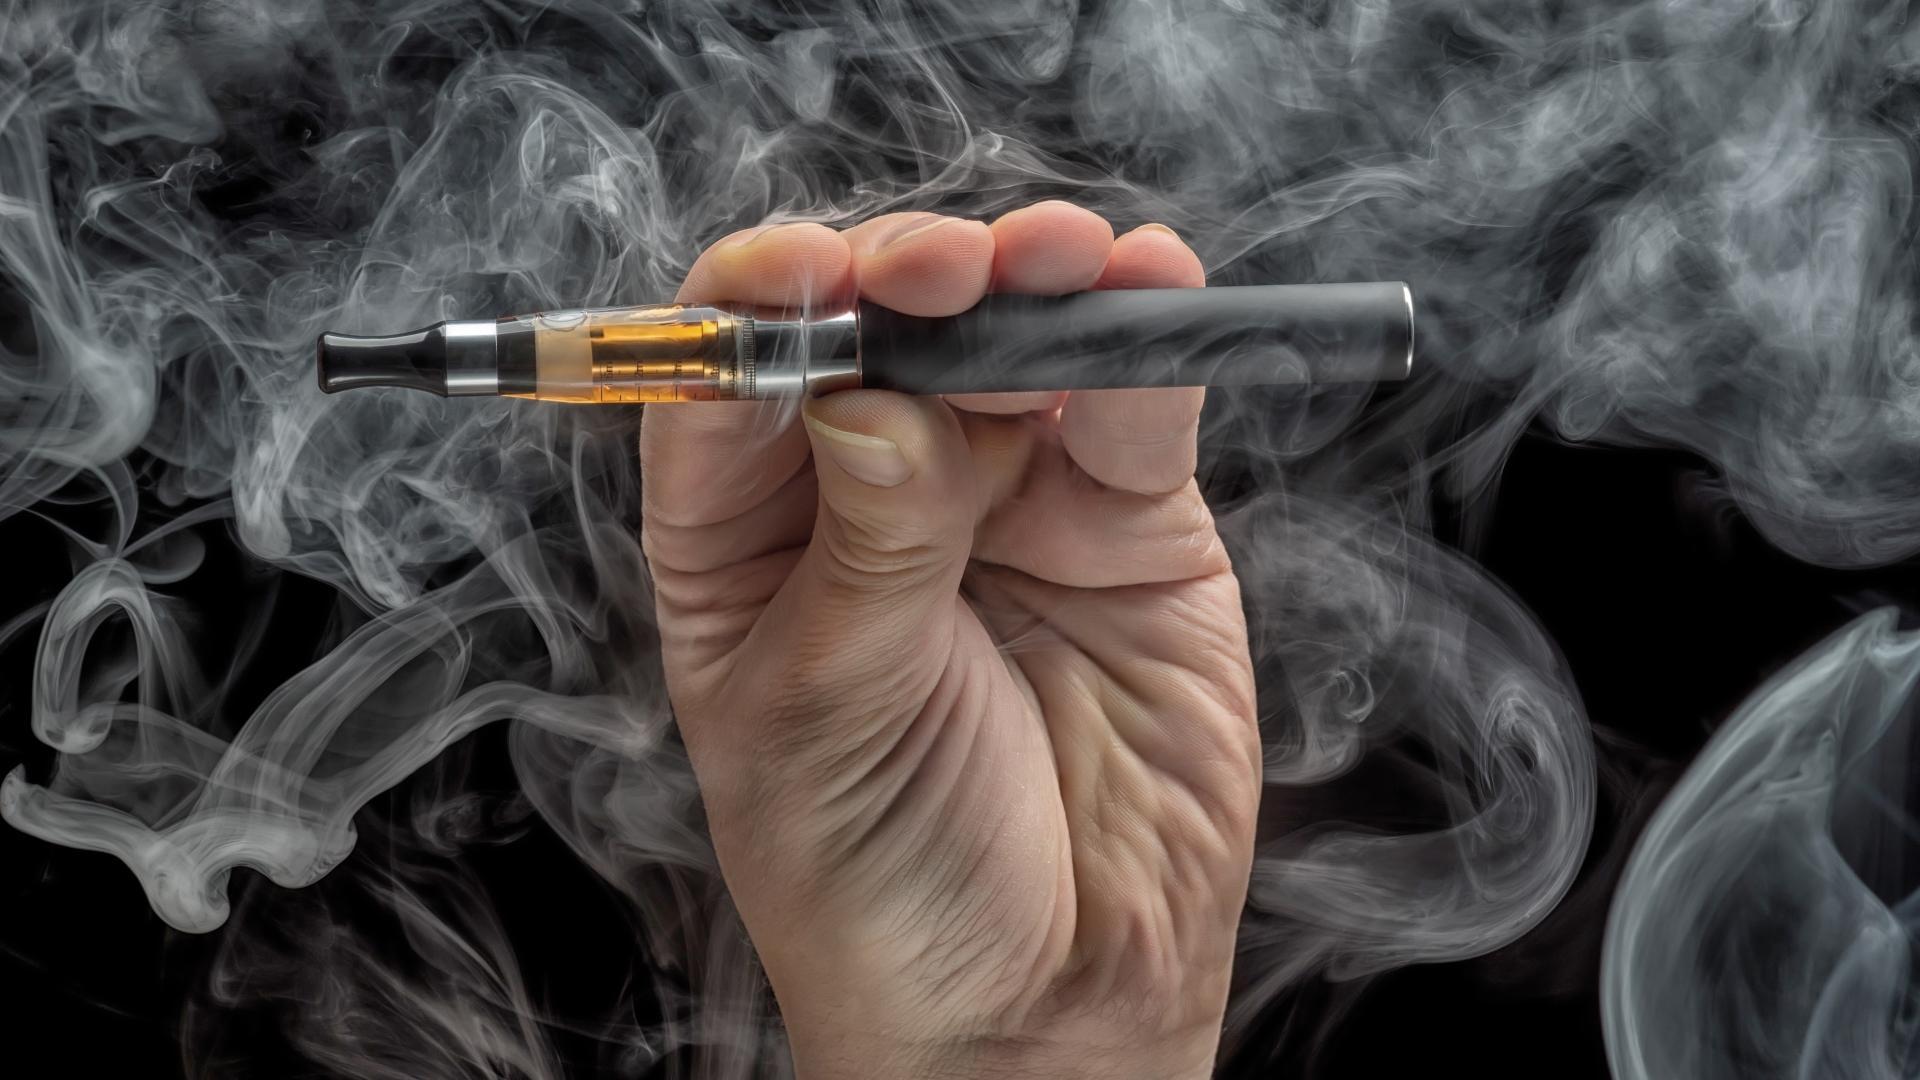 Акцизы на электронные сигареты: уместен ли общий подход?